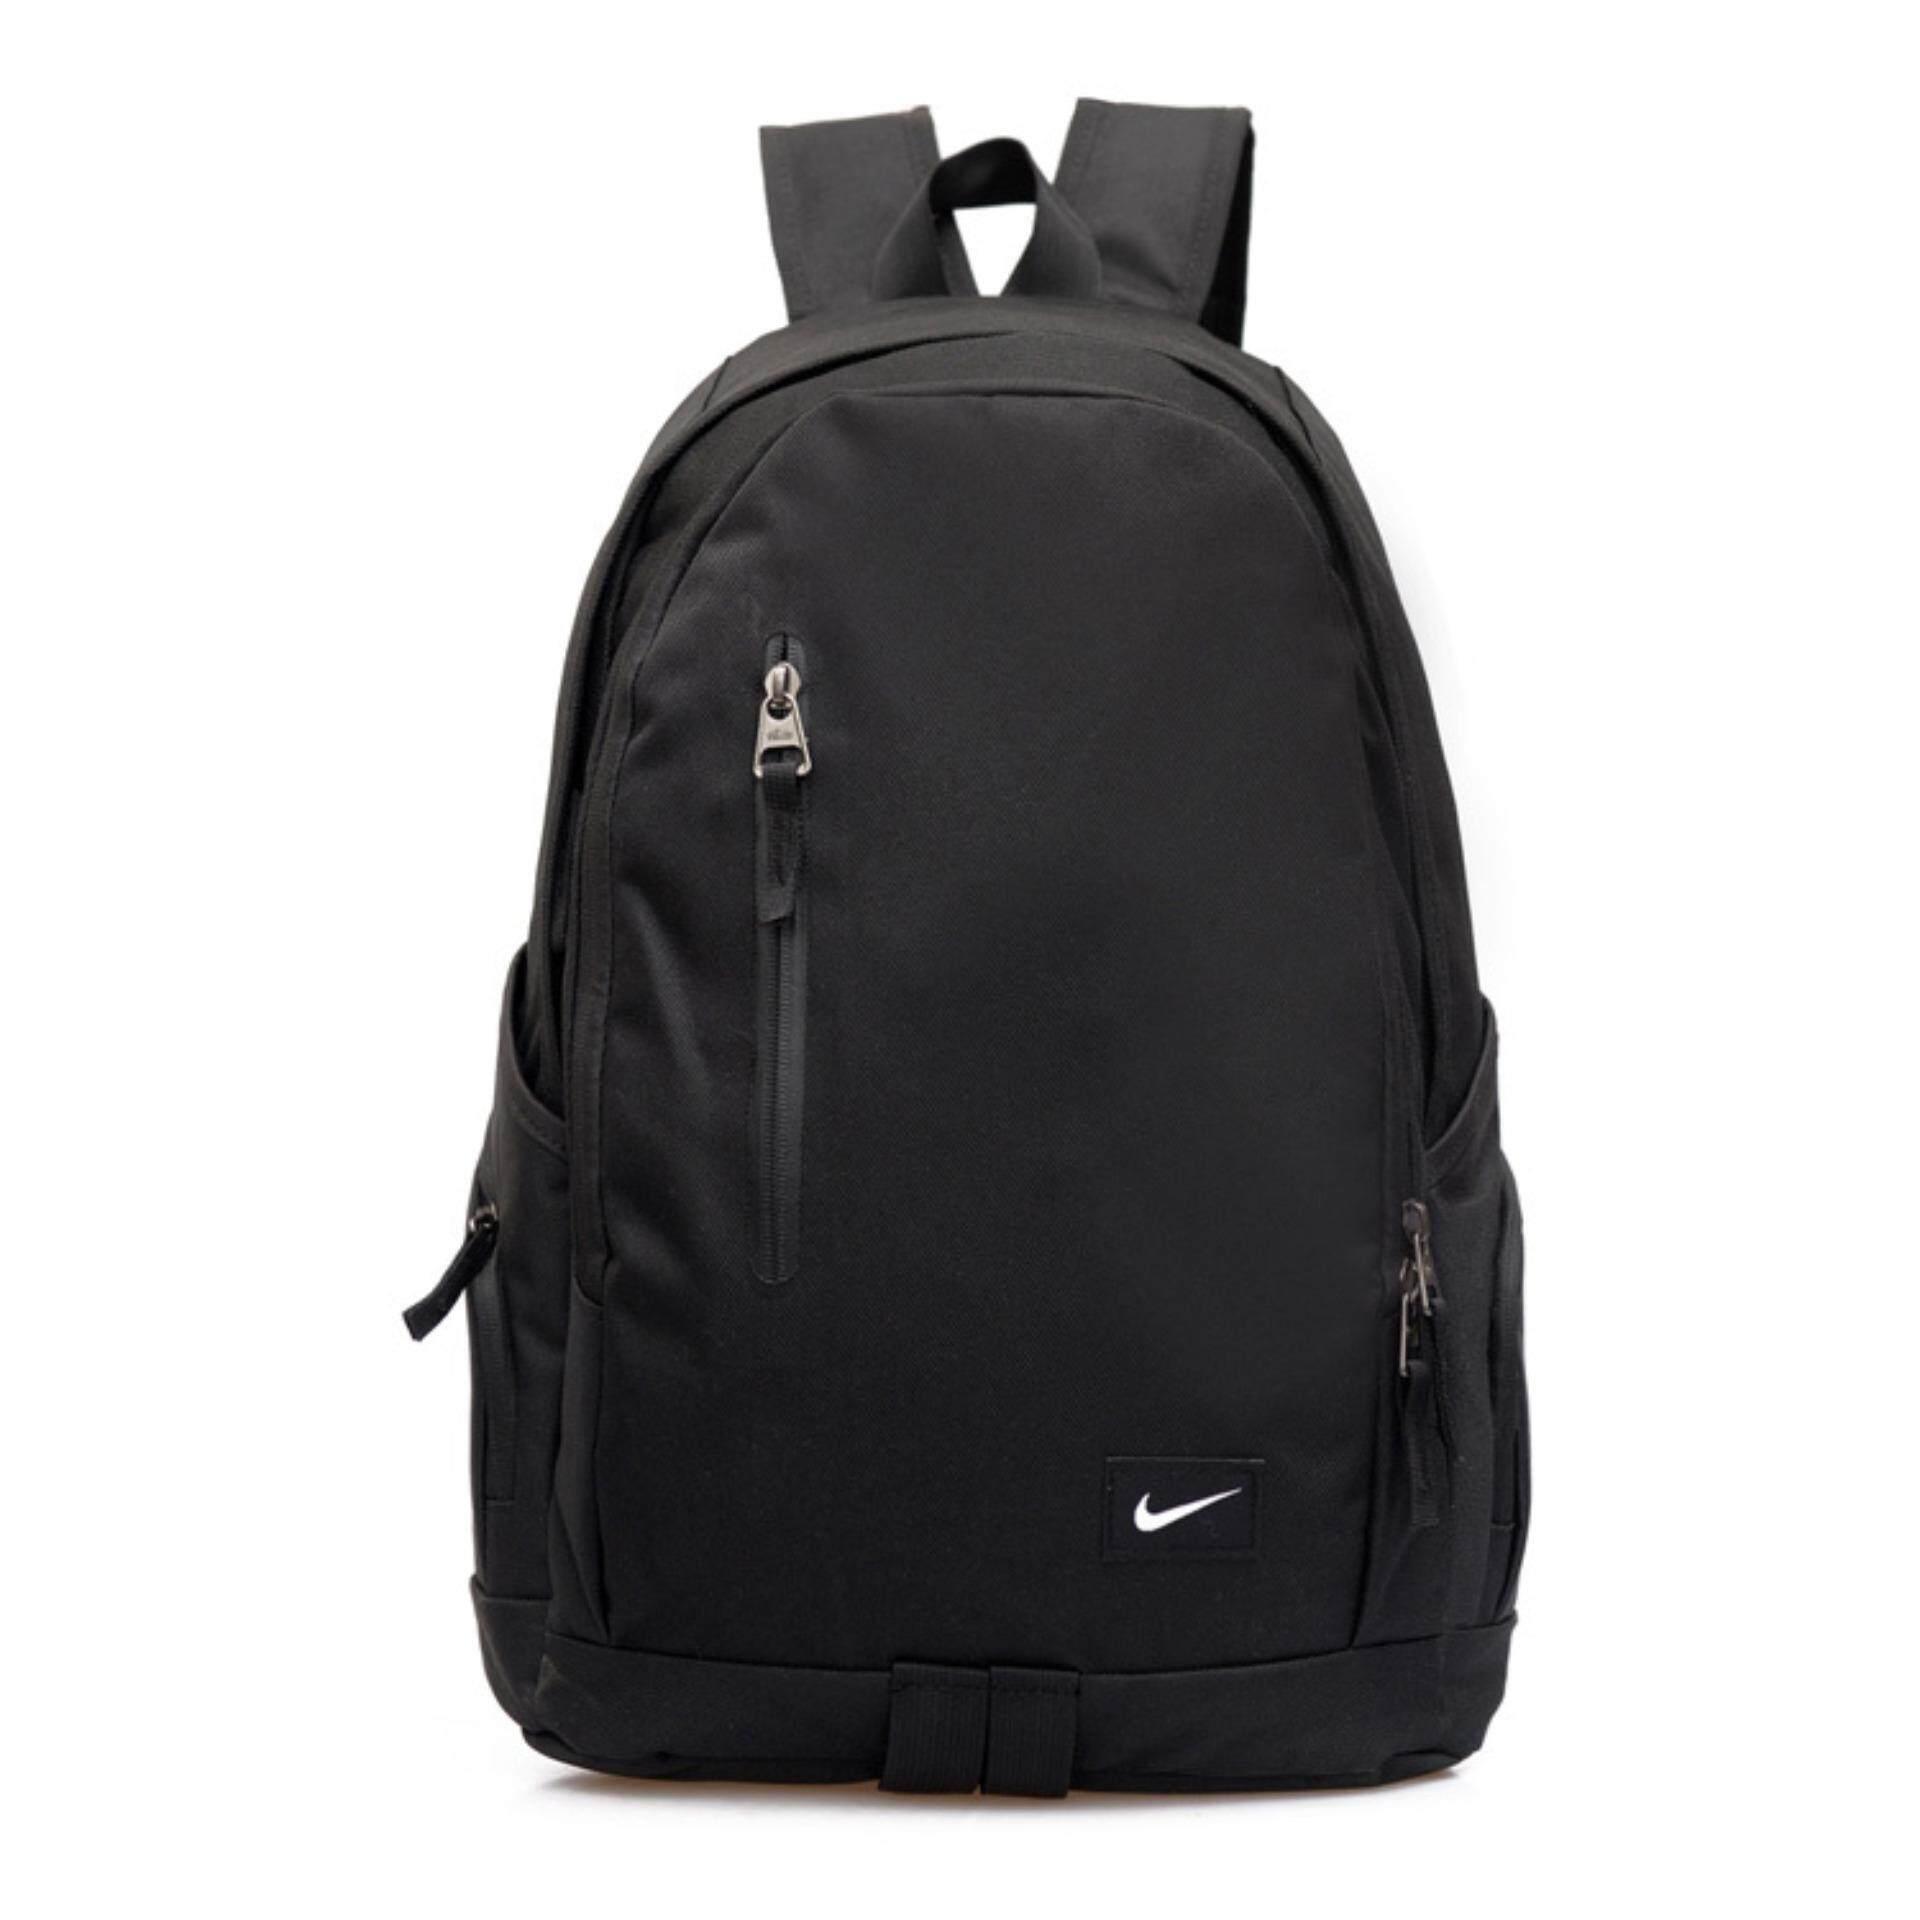 [NIKE] School Backpacks Laptop Backpack Shoulder Bag